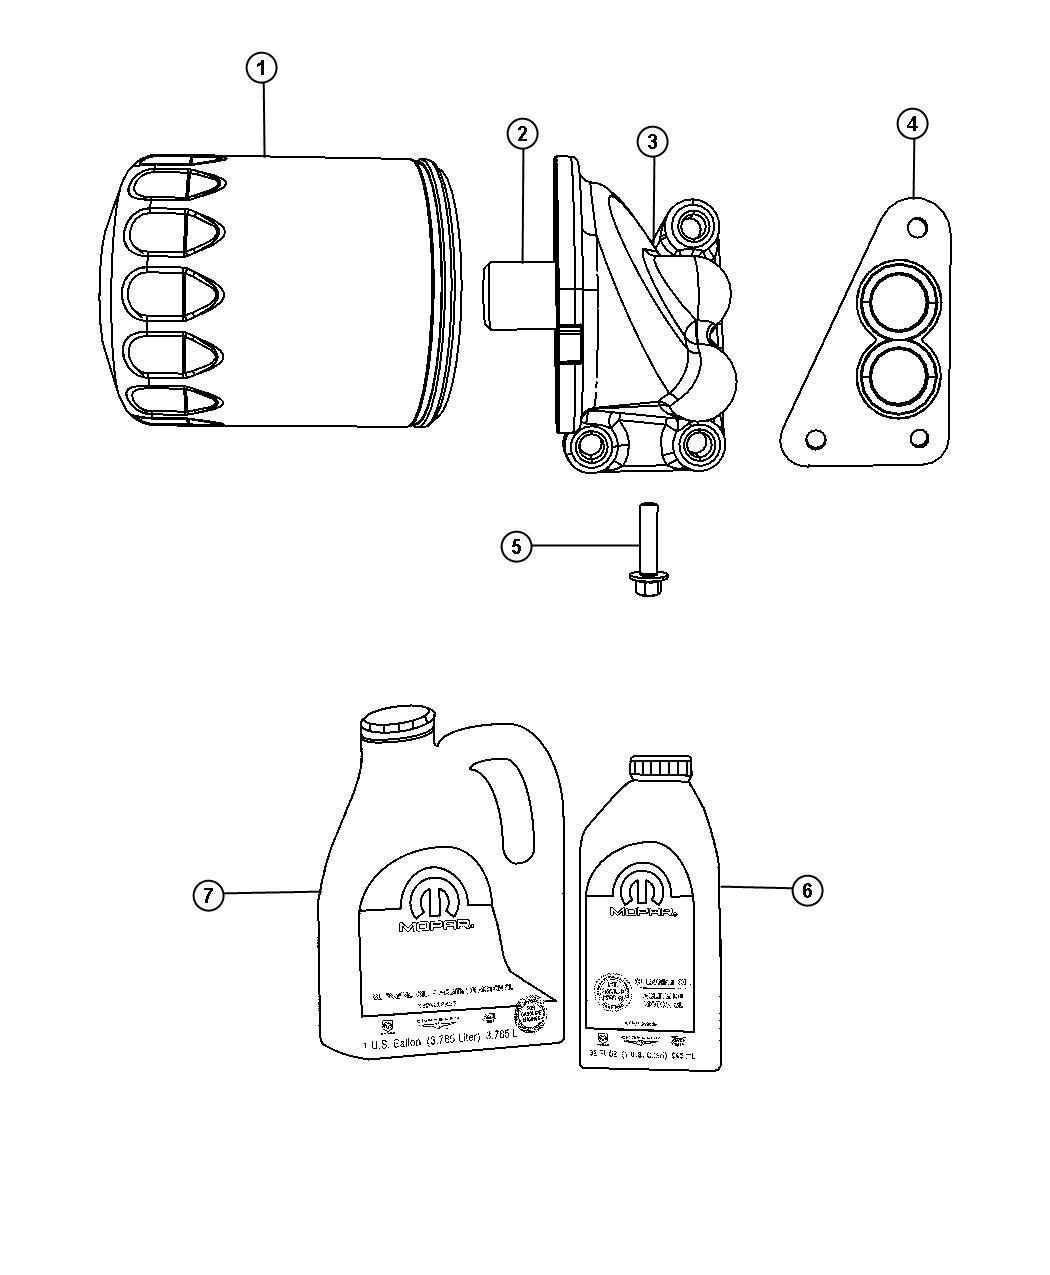 2005 Dodge Dakota Filter. Engine oil. Suggested, edtedv